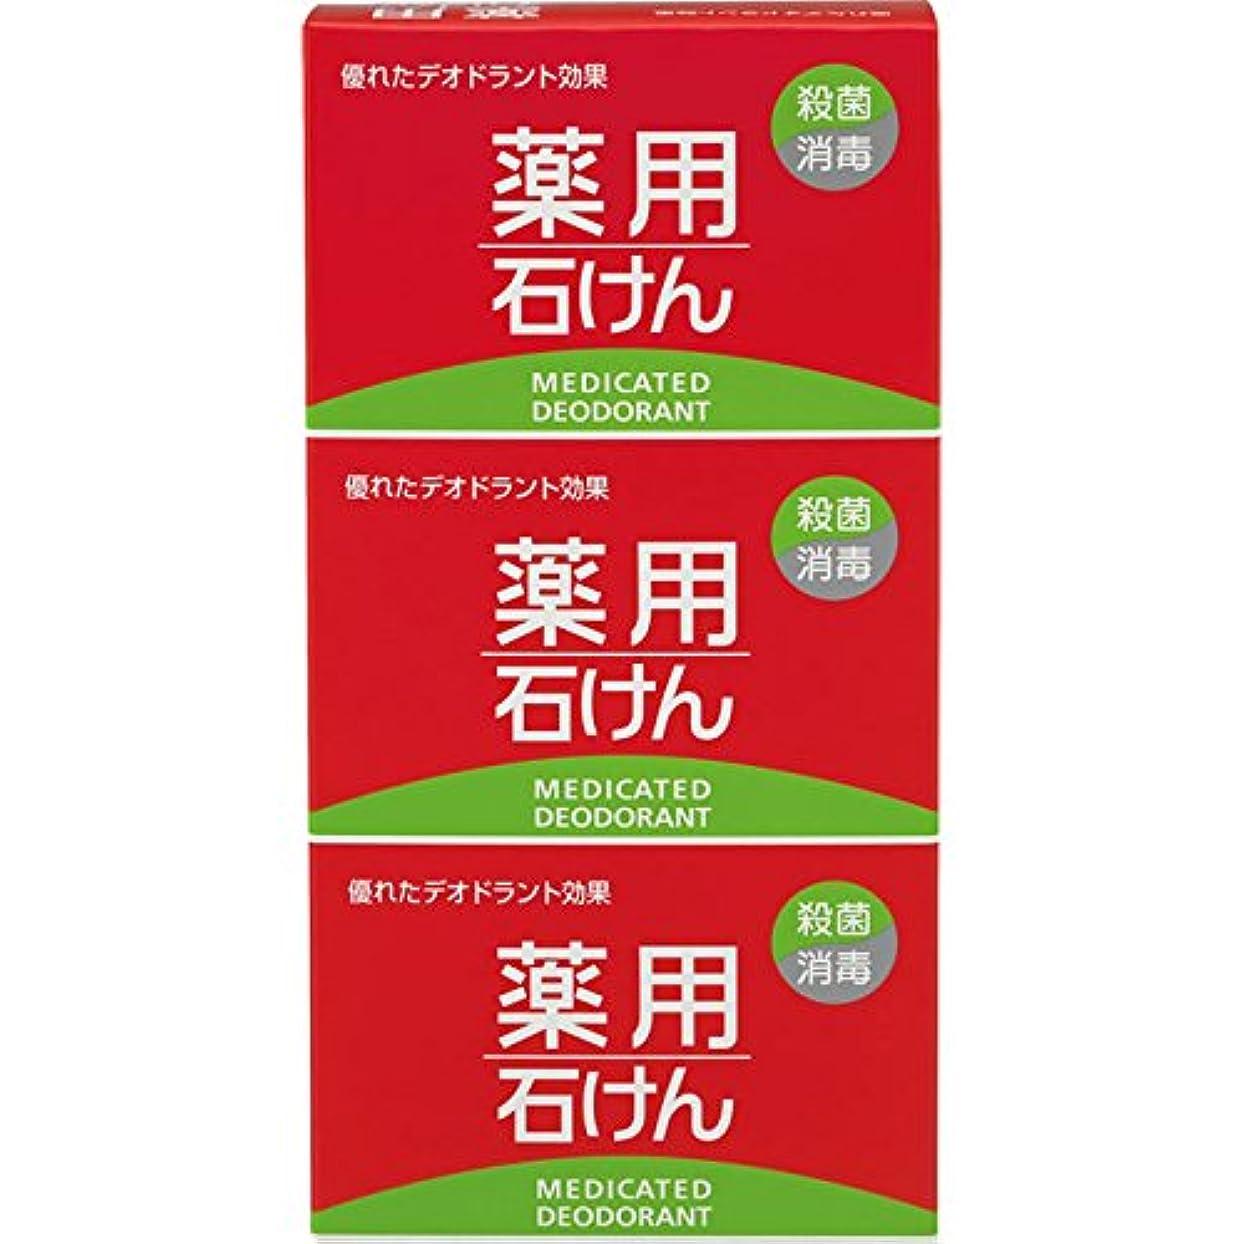 出席する枝年金受給者熊野油脂 薬用石けん 100g×3個 (医薬部外品)